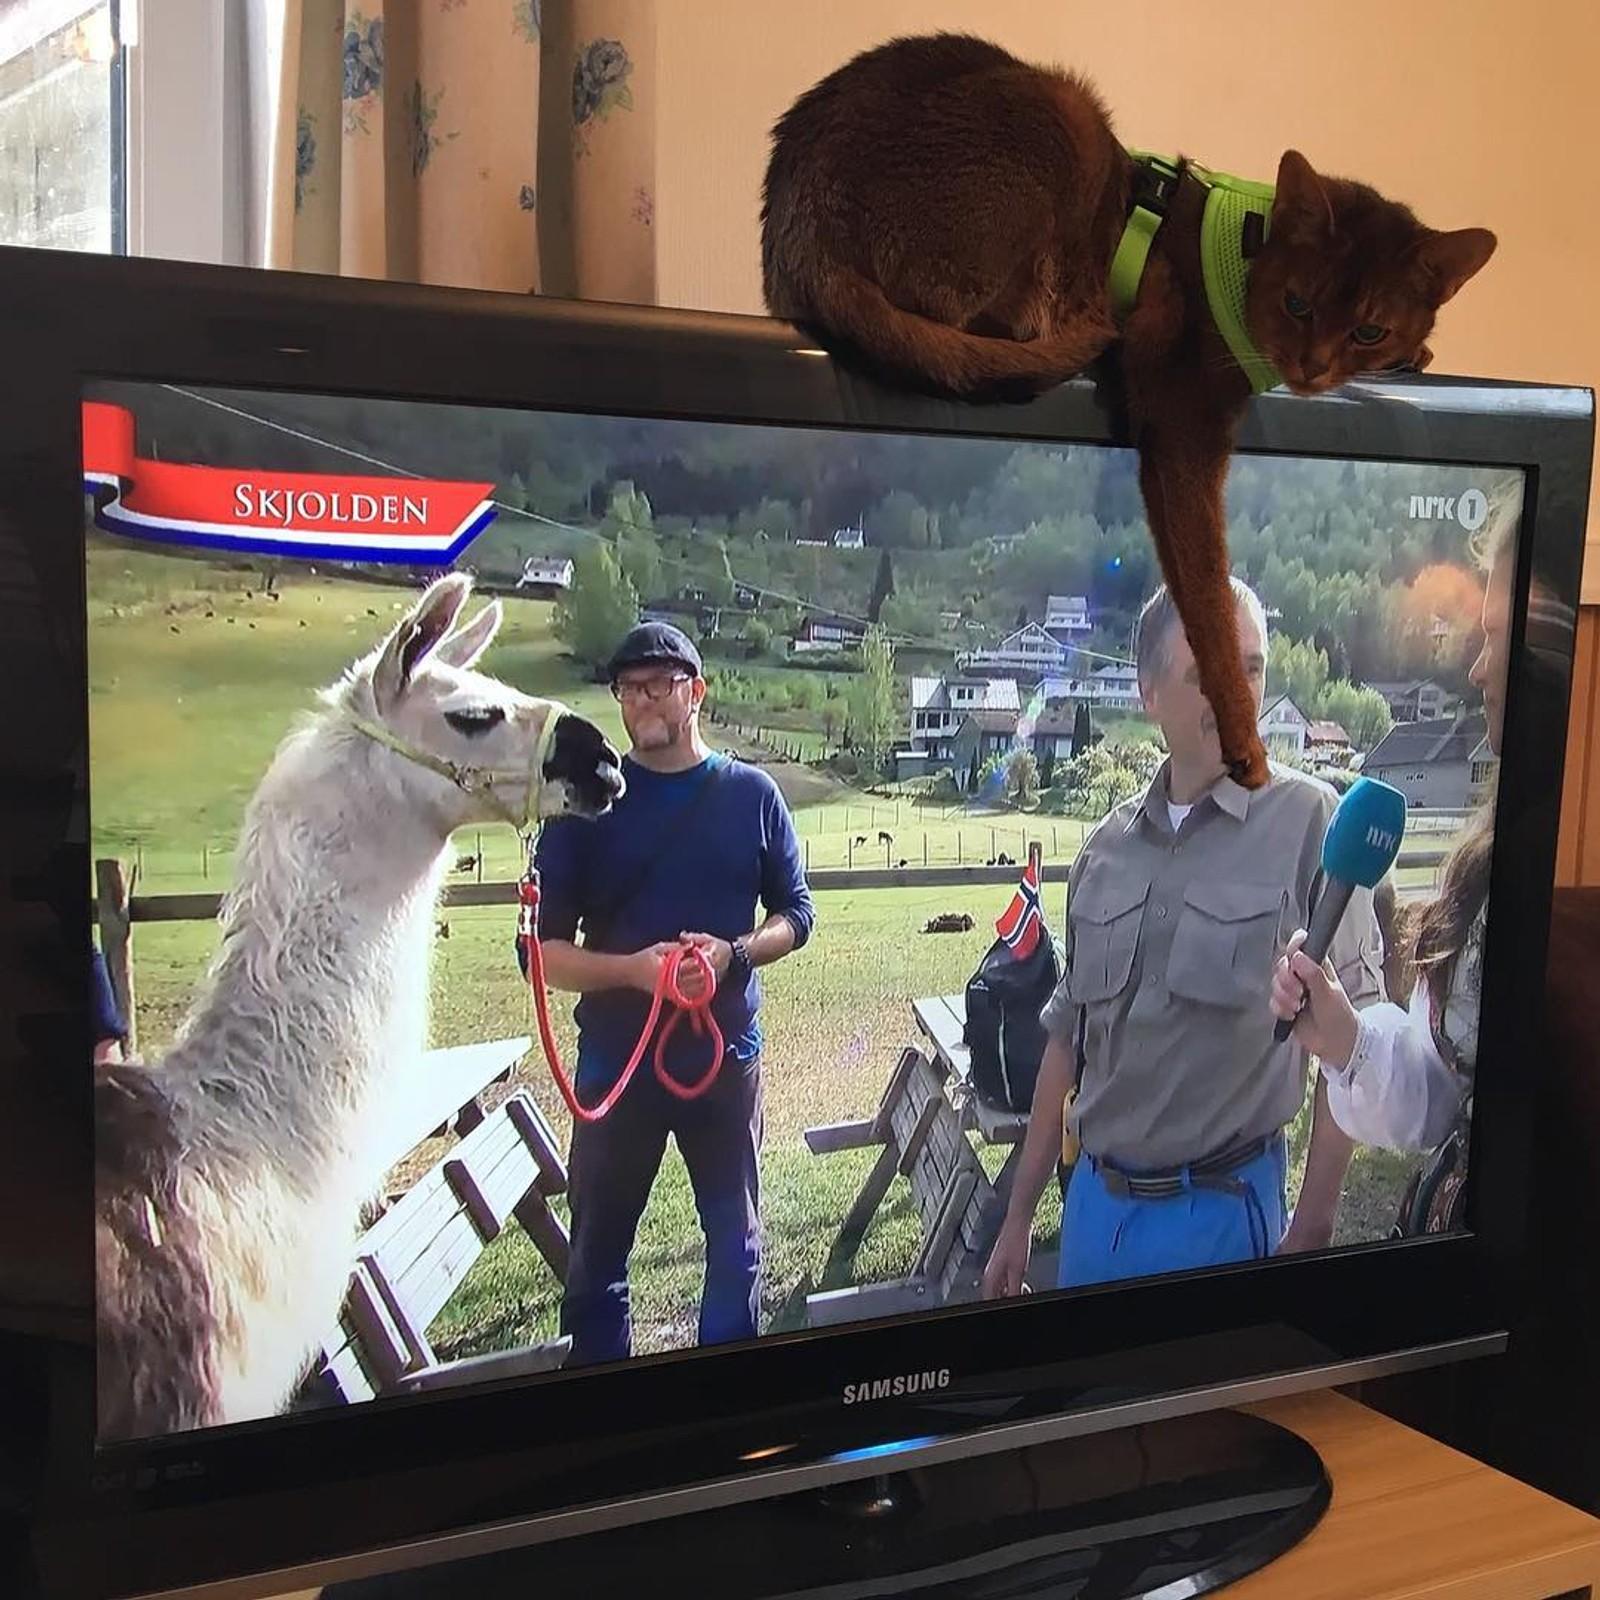 Denne katten koste seg med NRKs 17. mai-sending på TV-en. Bildet er tatt av Toril Kremmervik og delt på instagram med #nrktrøndelag.